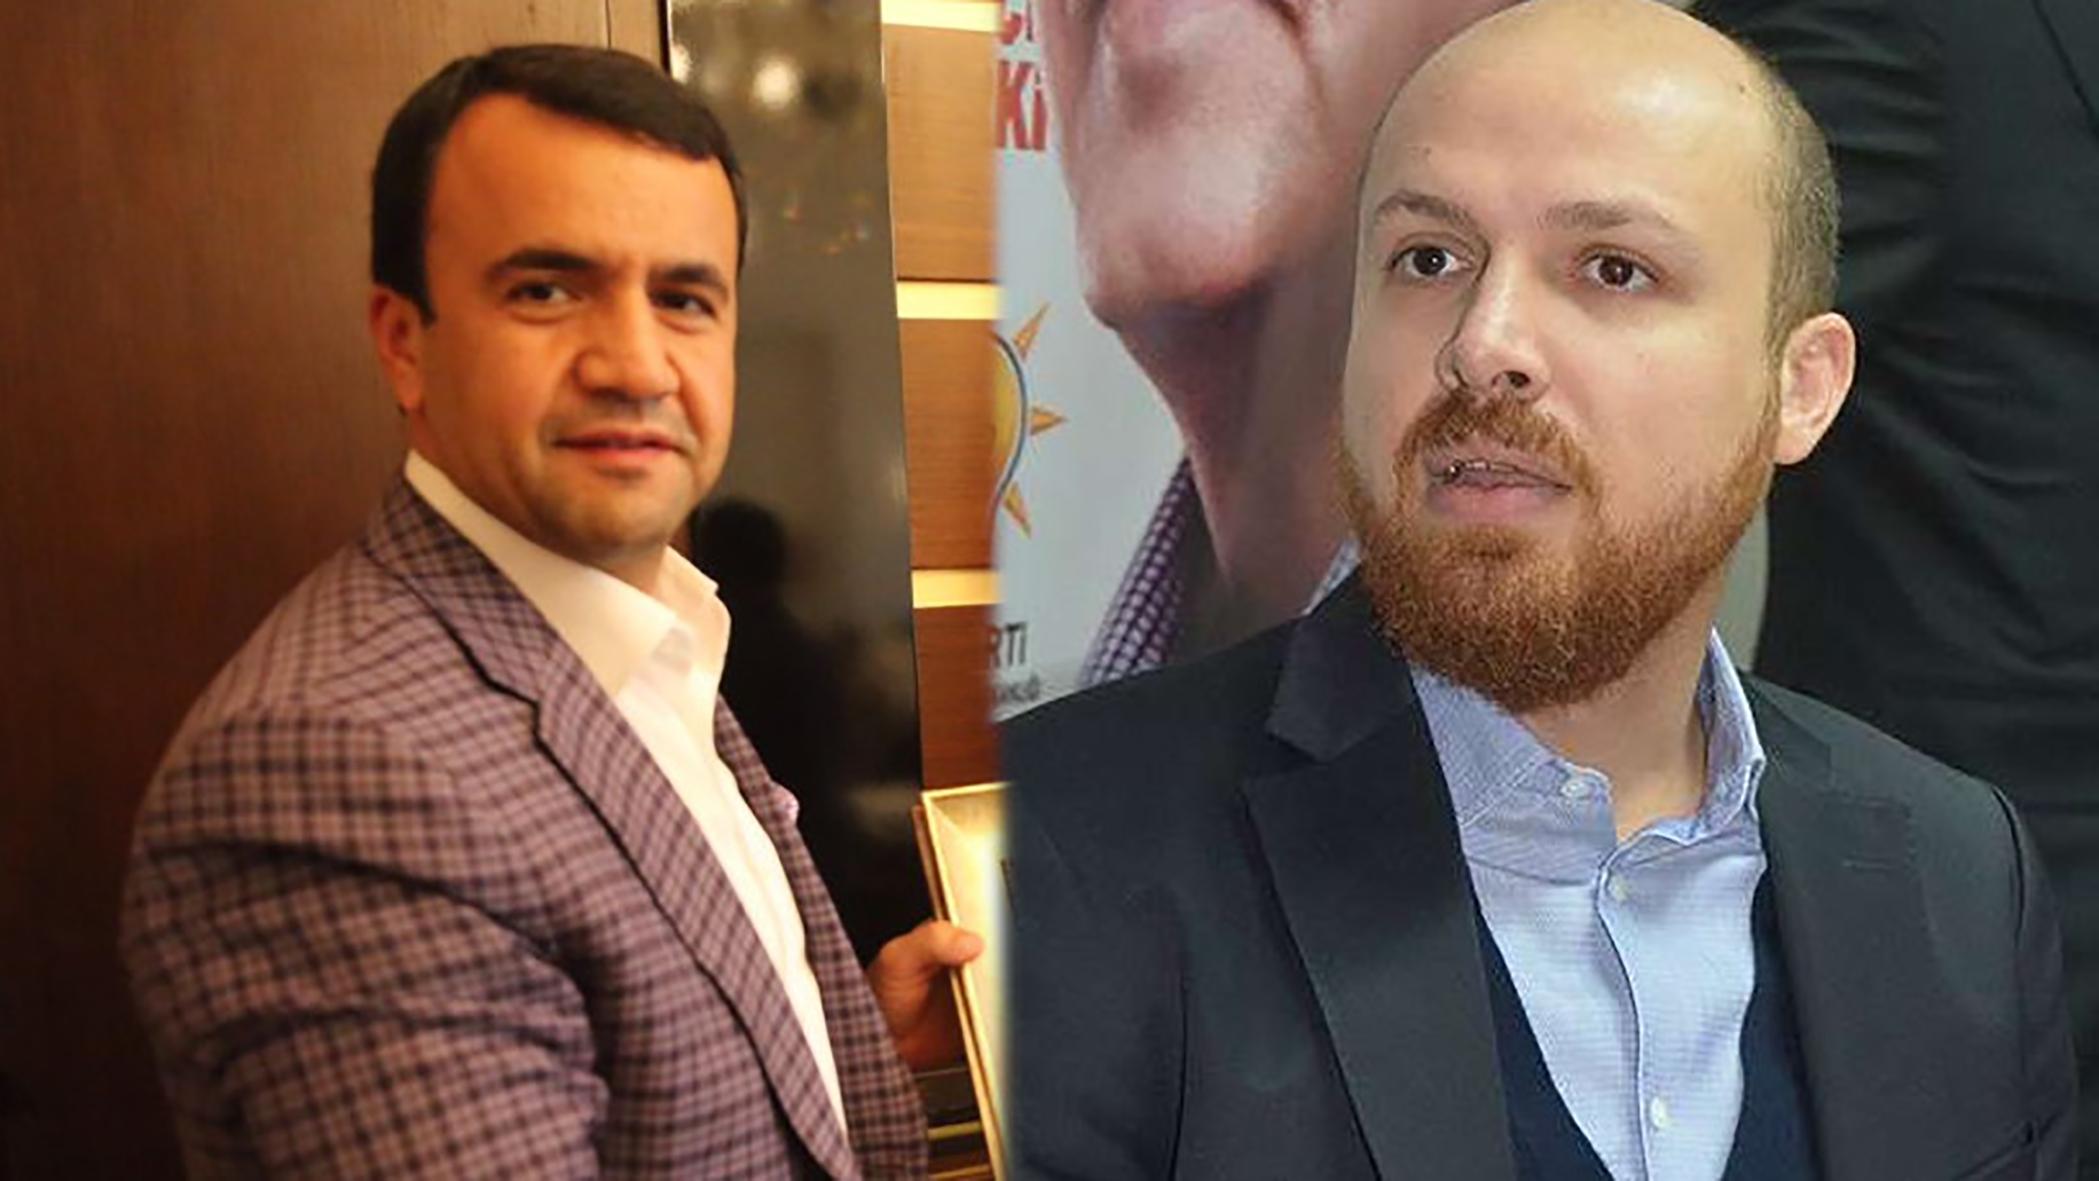 7 buçuk milyon TL'lik ihale de Bilal'in imam hatipten arkadaşına